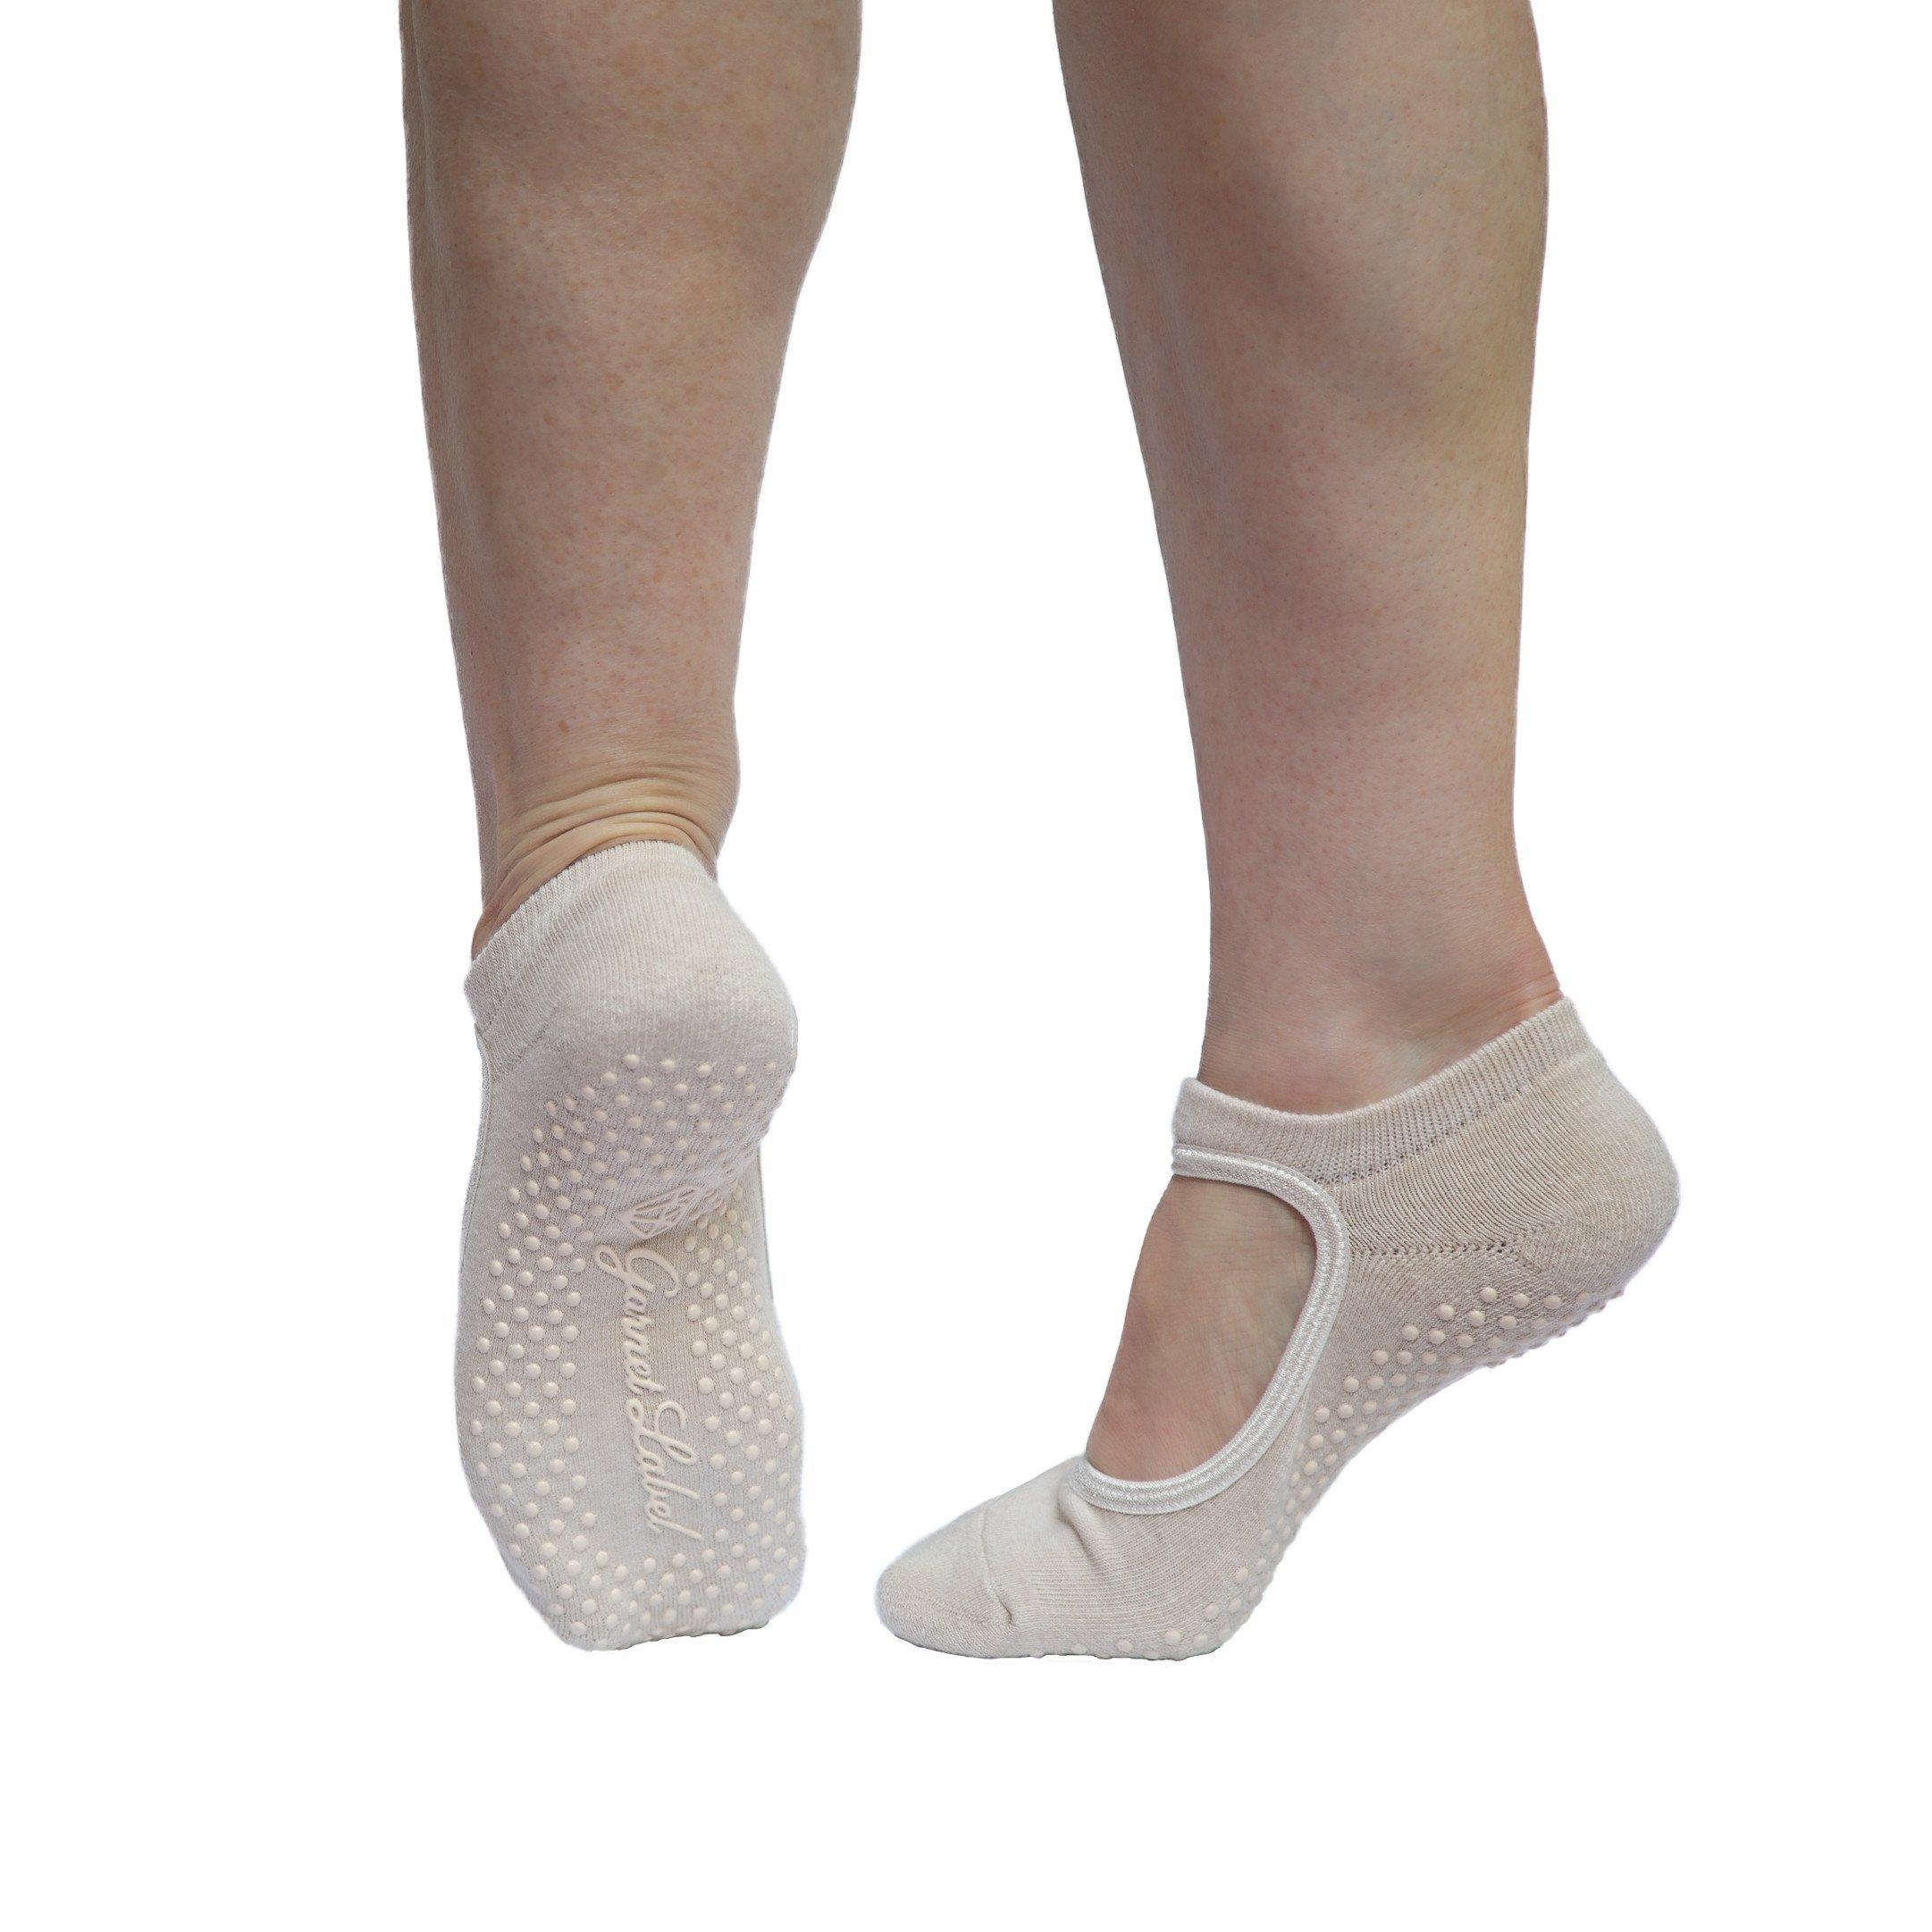 Garnet Label Barre Socks - Women's Mary Jane Style Non Slip Socks for Barre, Yoga and Pilates.